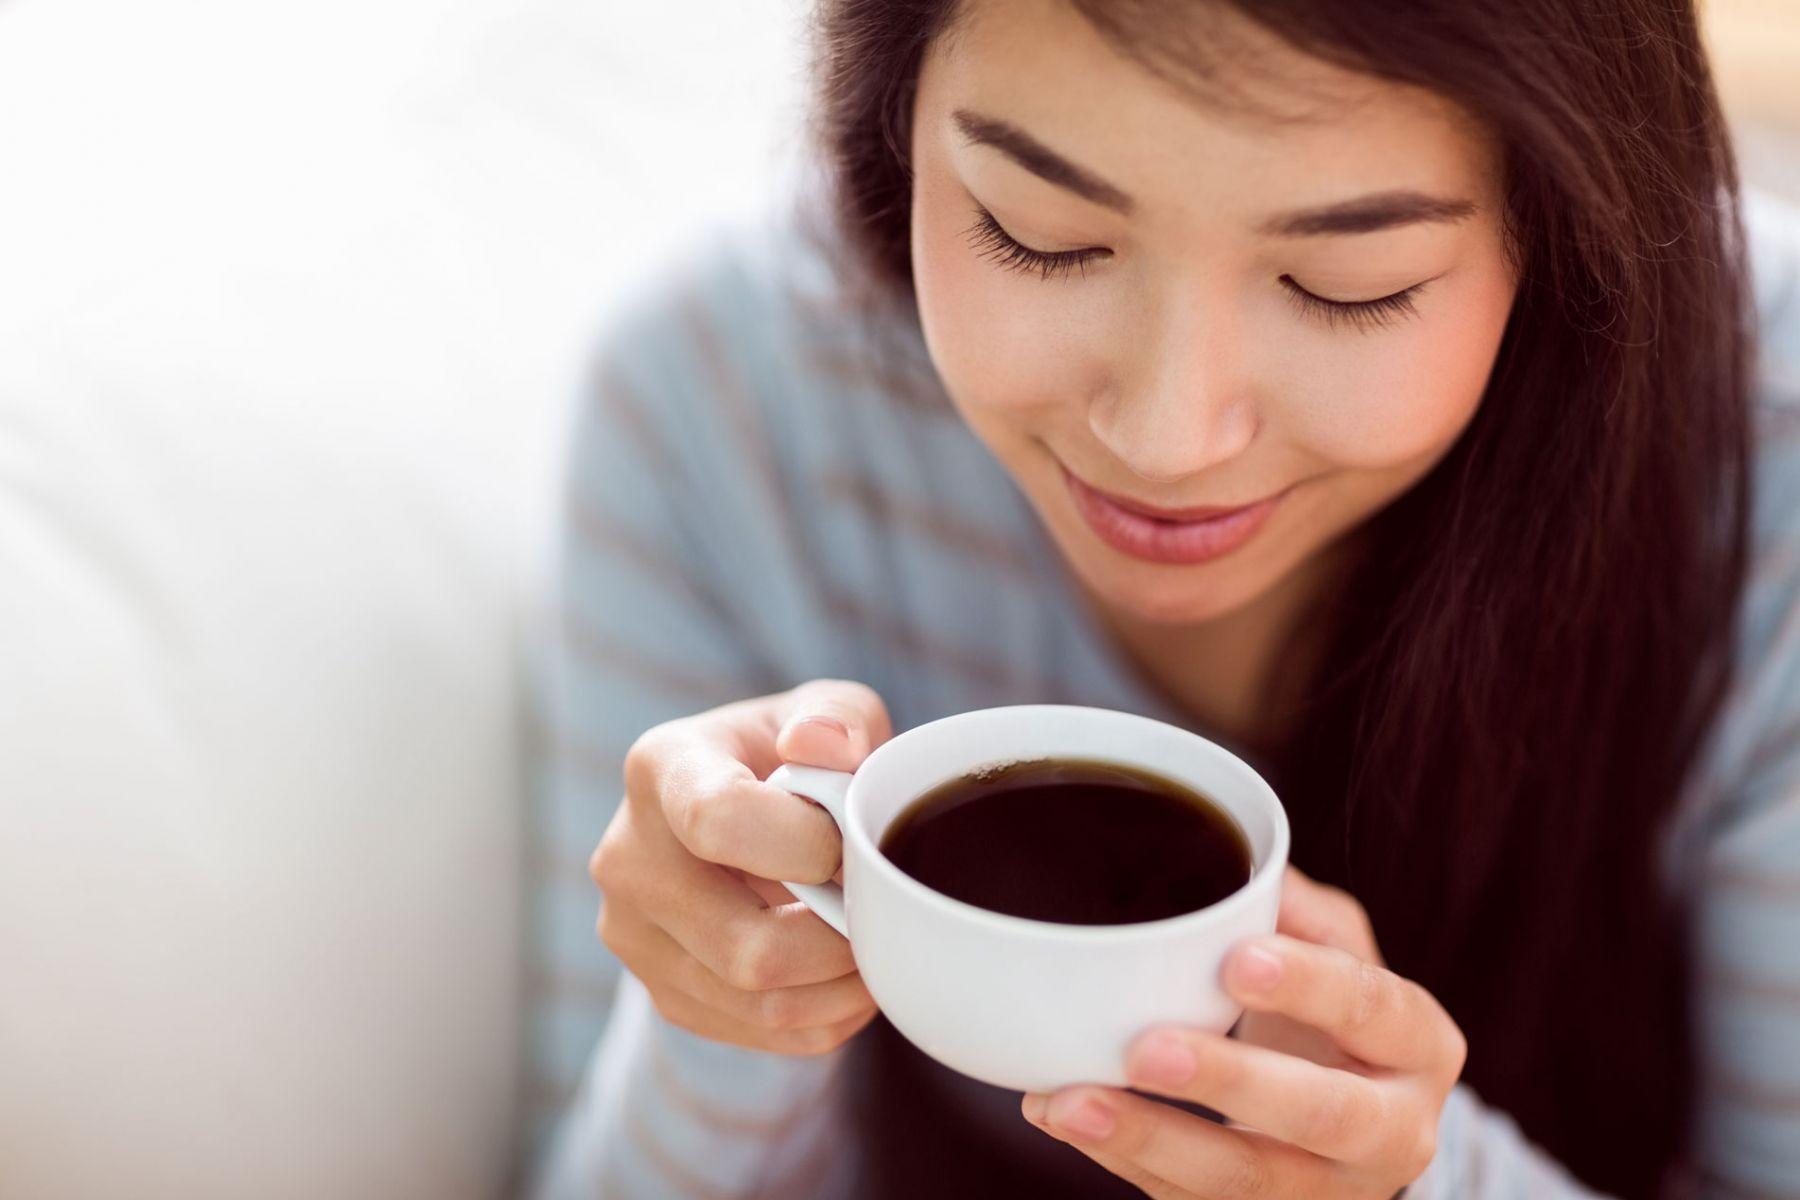 喝點咖啡或紅茶也能減輕頭痛